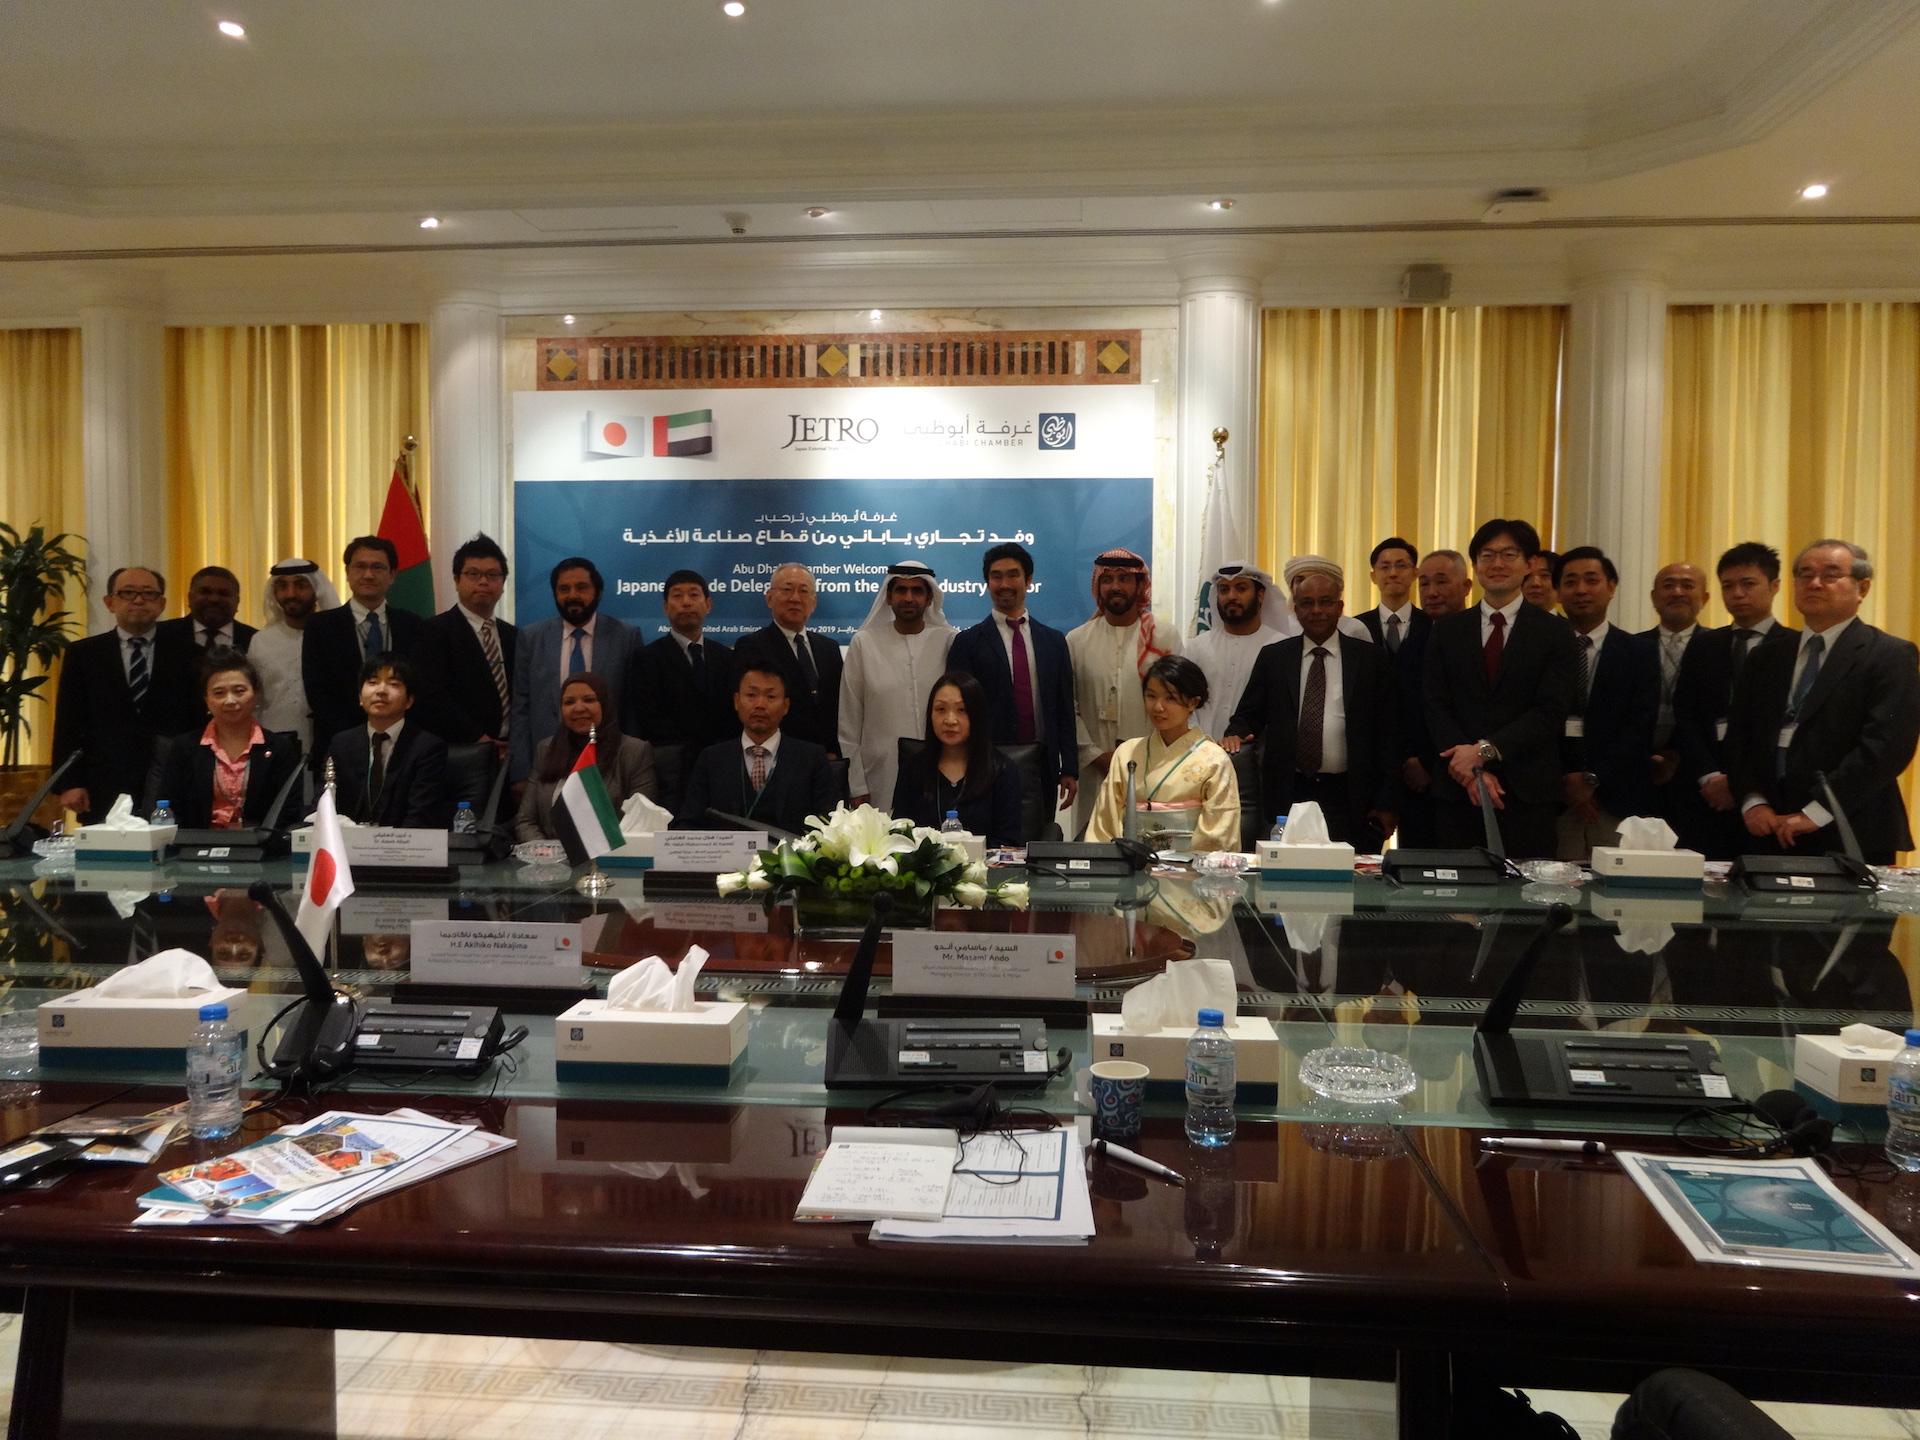 日・UAE経済交流キャラバンへの参加